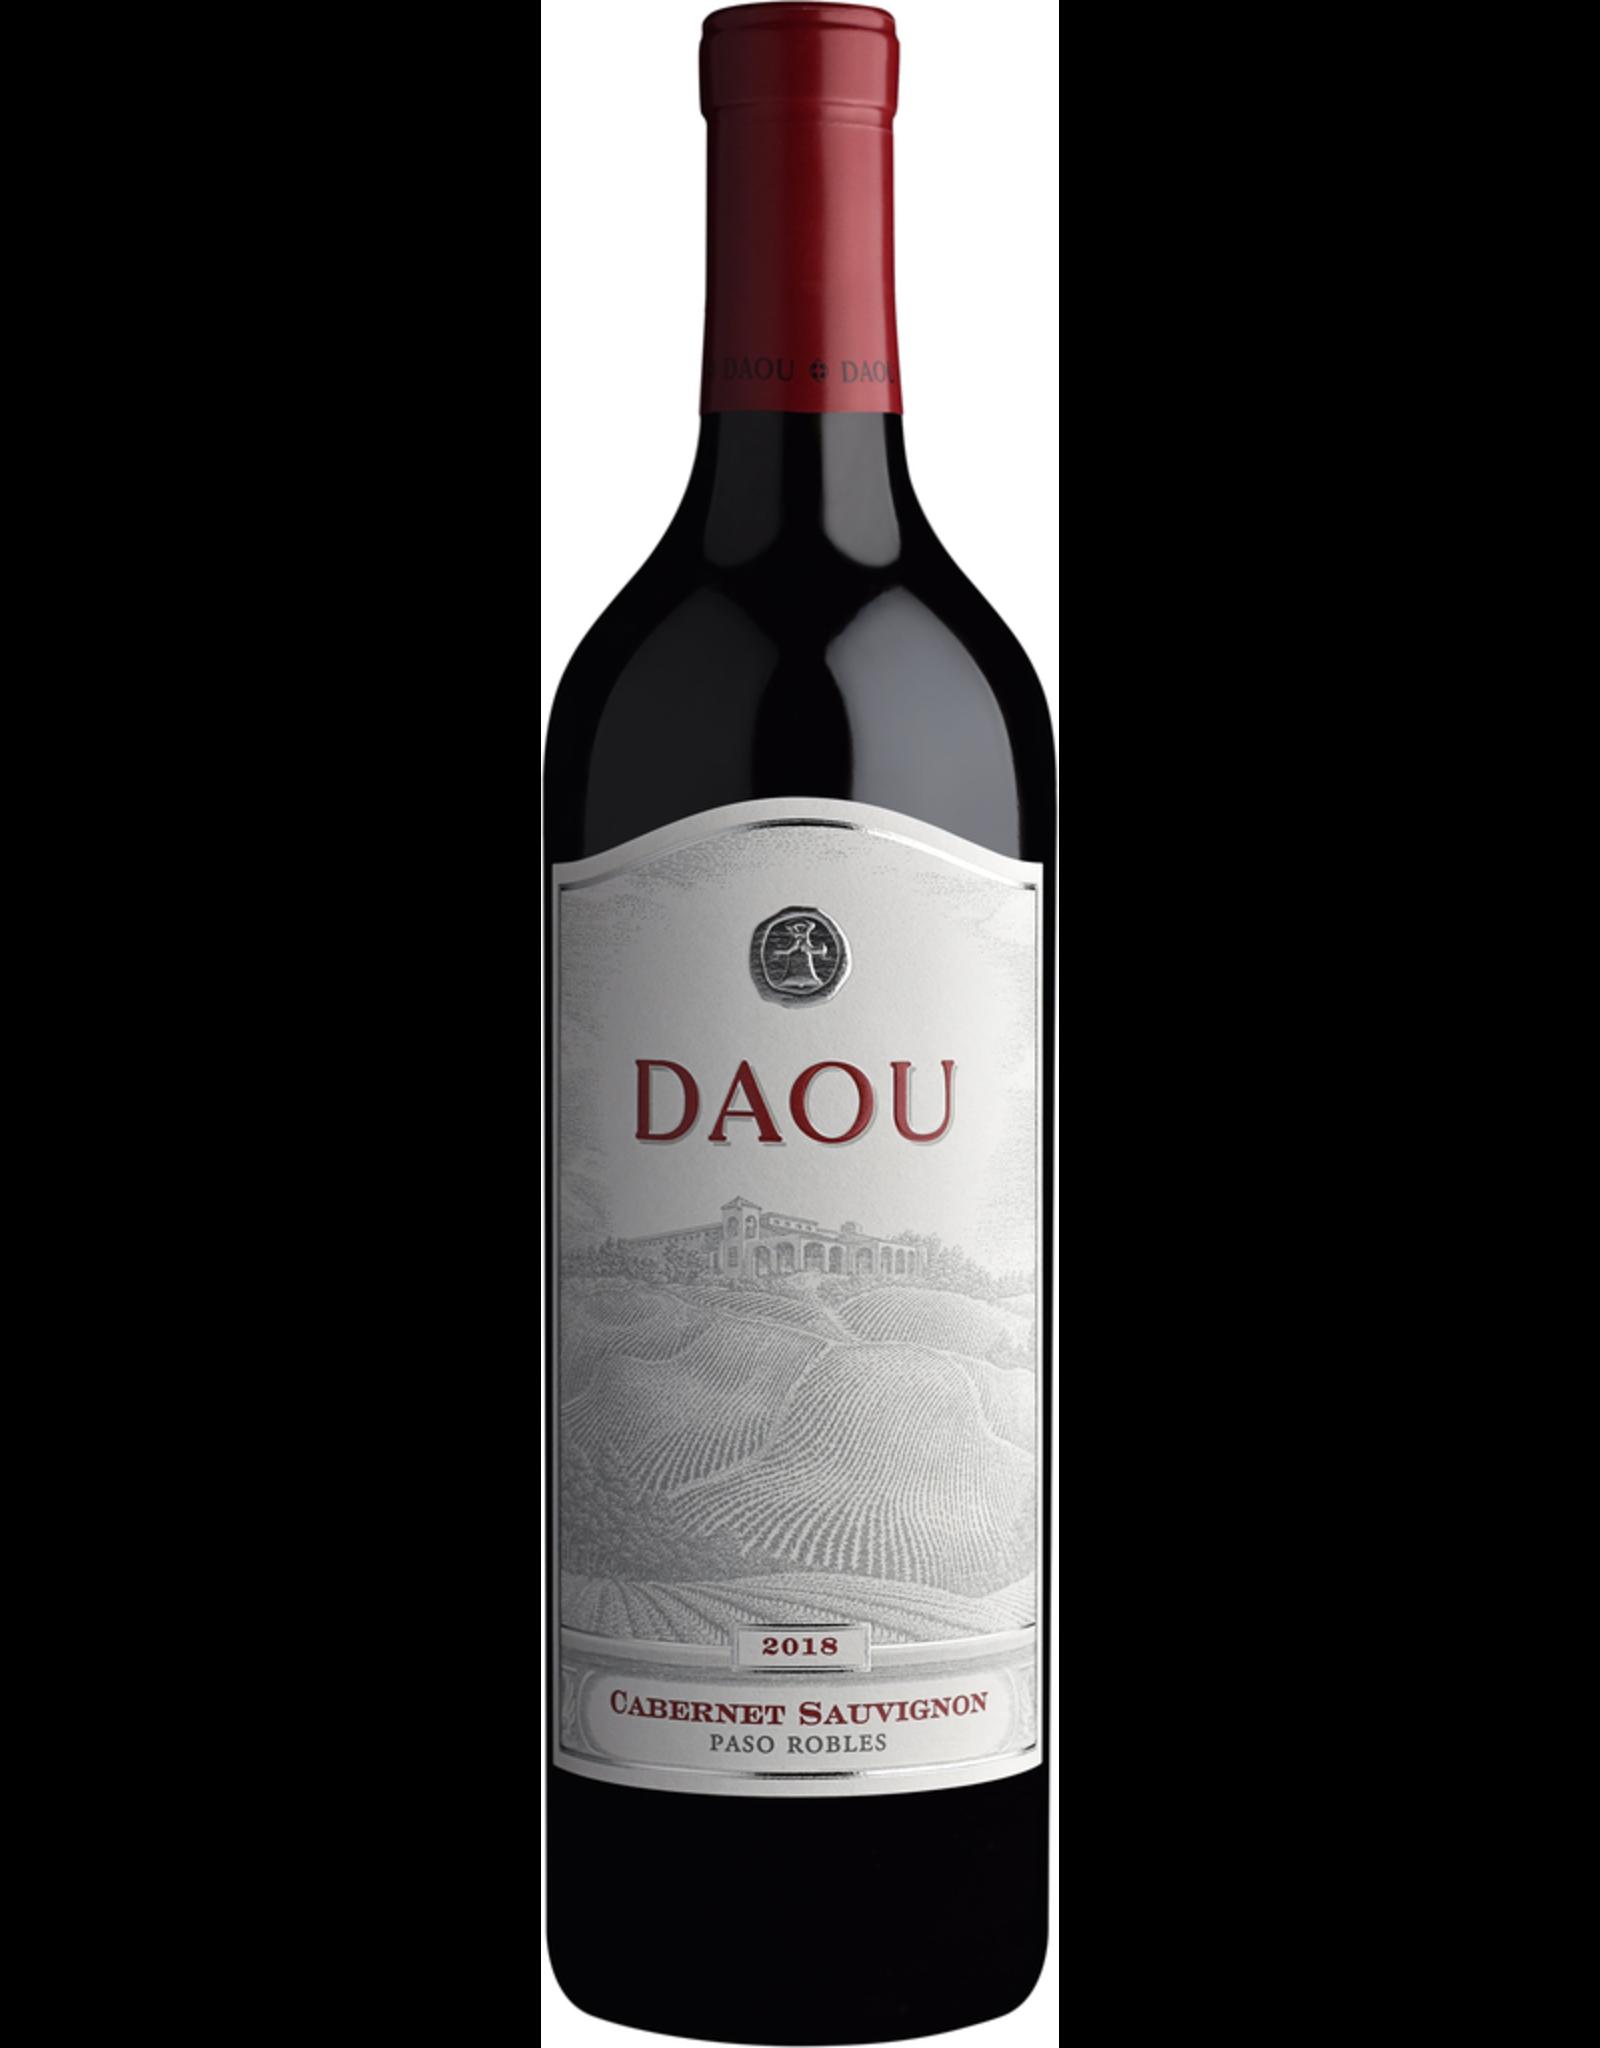 Red Wine 2019, DAOU Vineyards, Cabernet Sauvignon, Paso Robles, Central Coast, California, 14.5% Alc, CT 89.5